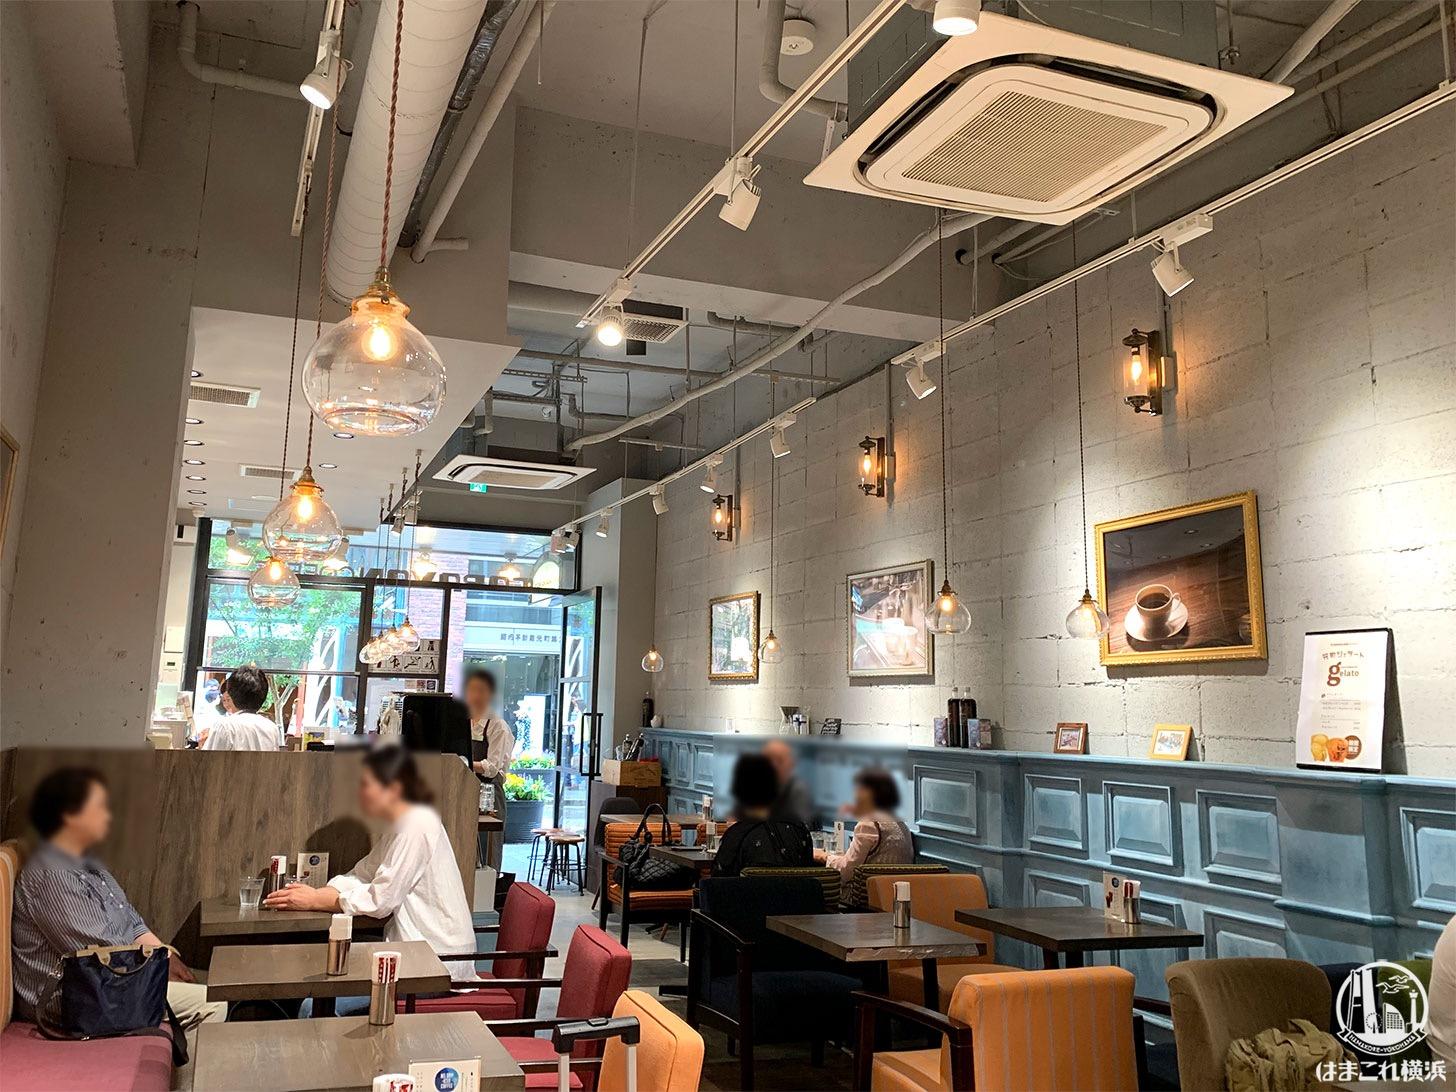 キャラバンコーヒー 元町店 店内